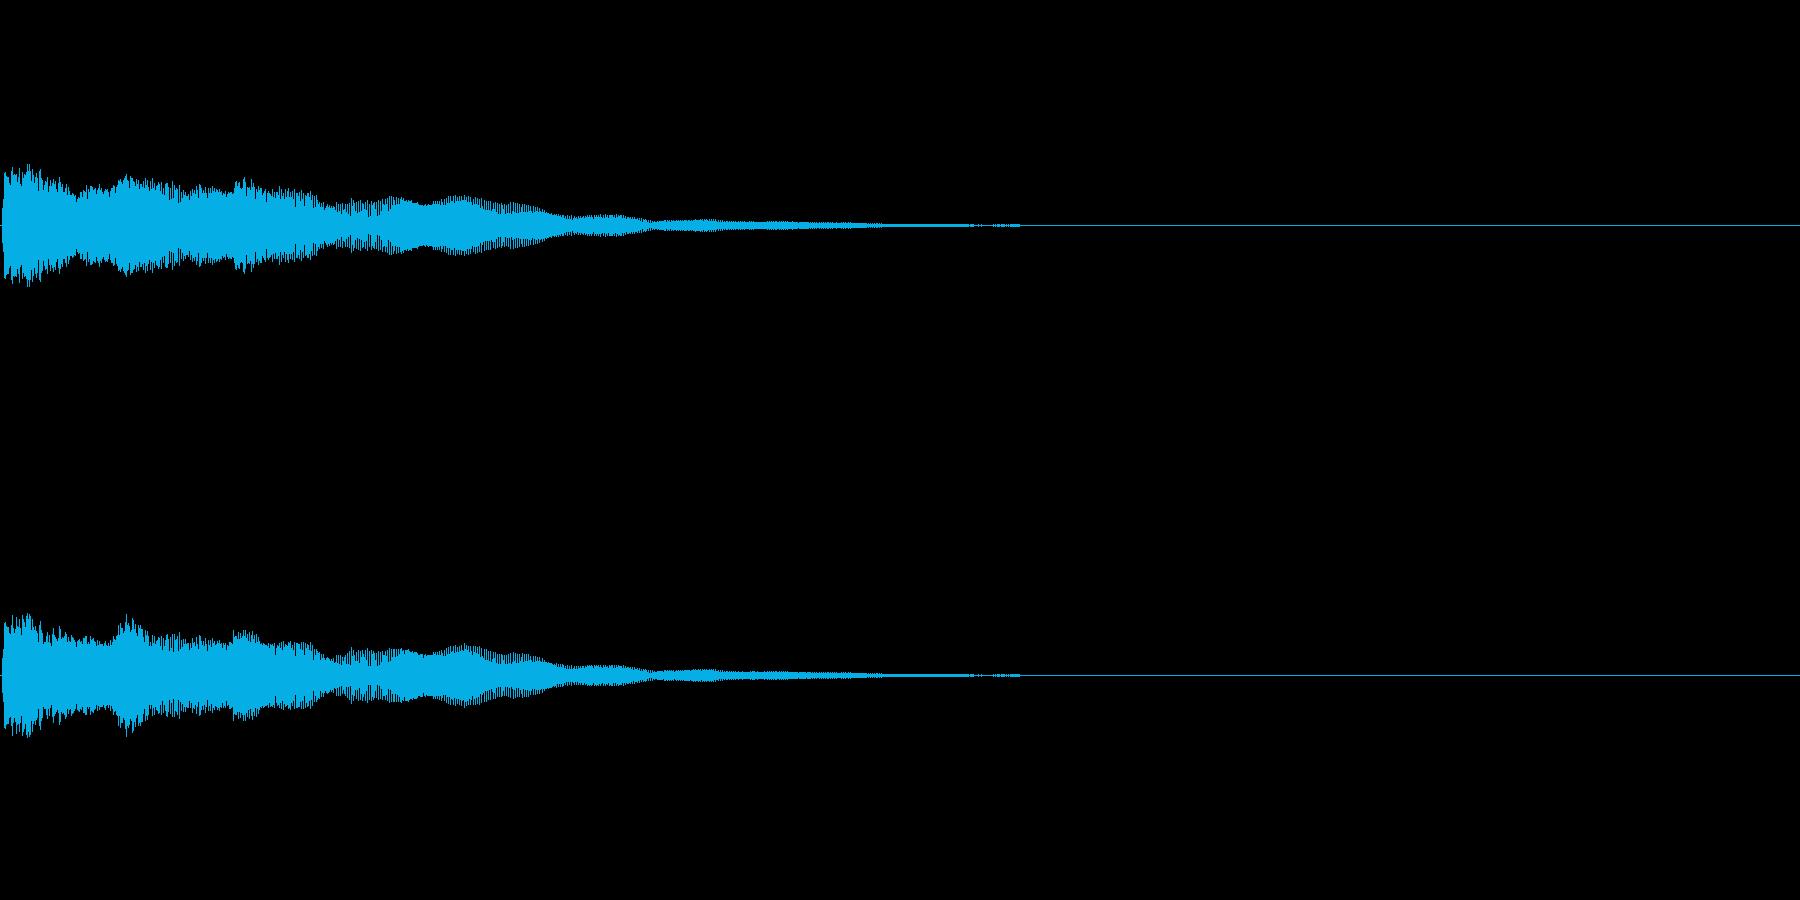 効果音 決定 ボタン の再生済みの波形